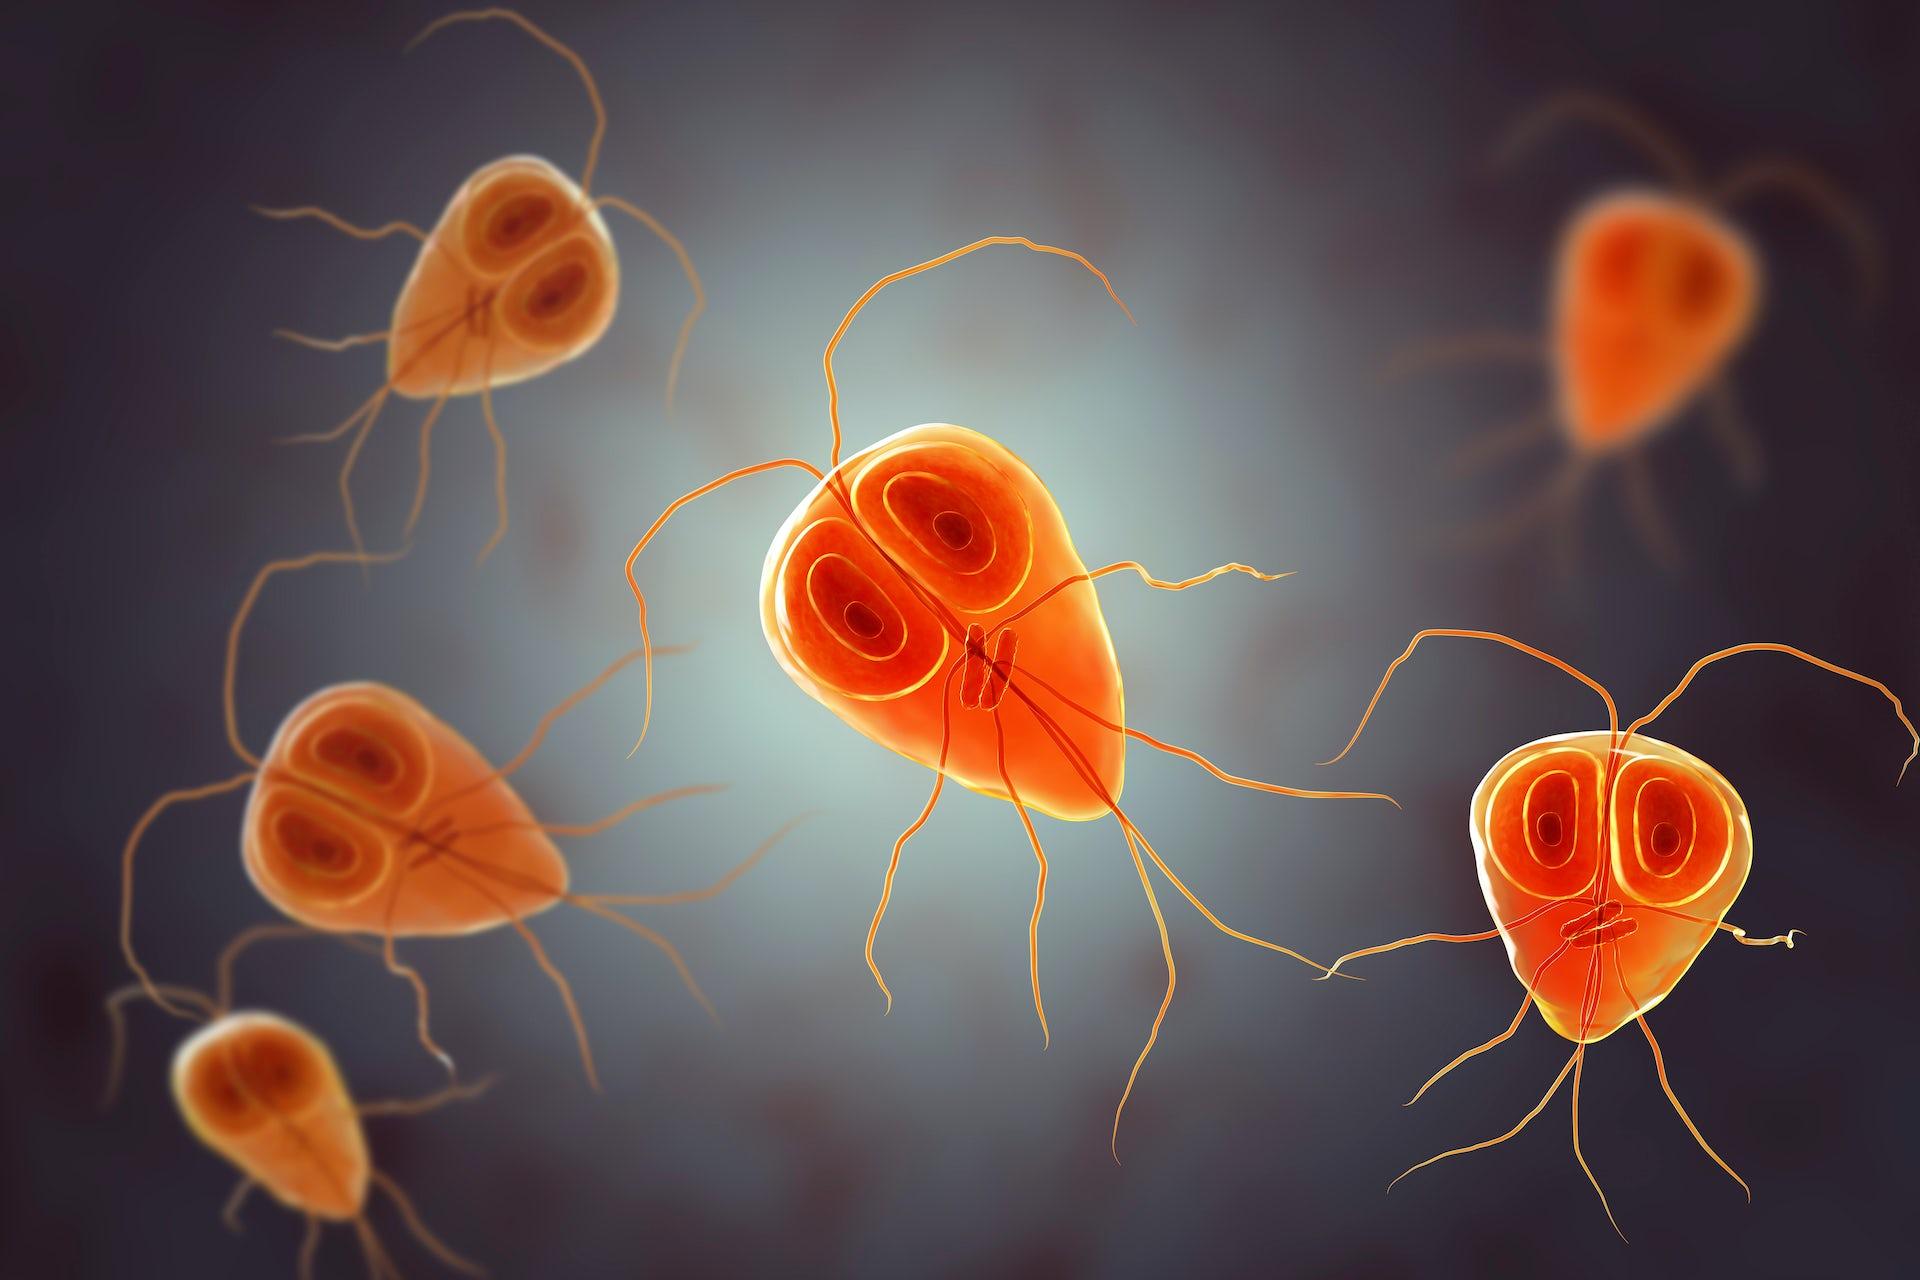 que enfermedad producen los oxiuros